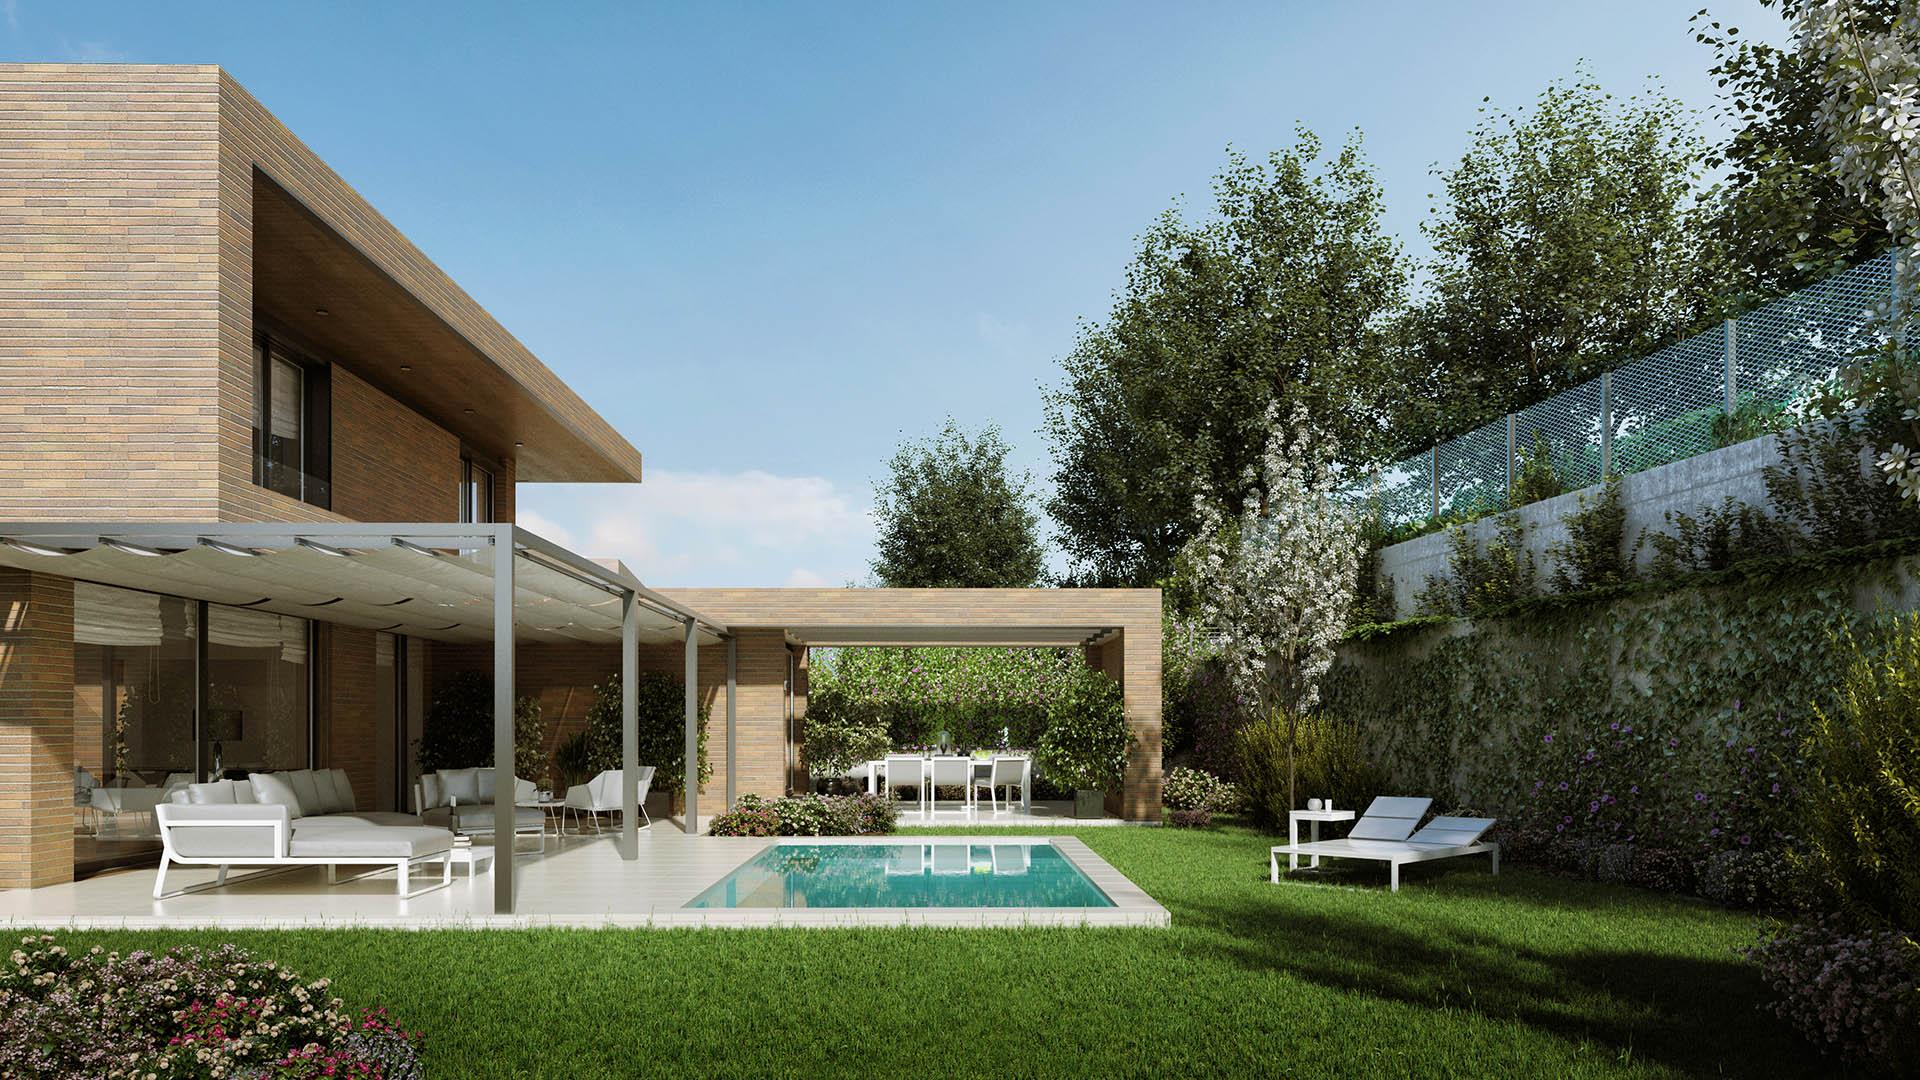 Lazarejo singular single family houses. Cano y Escario